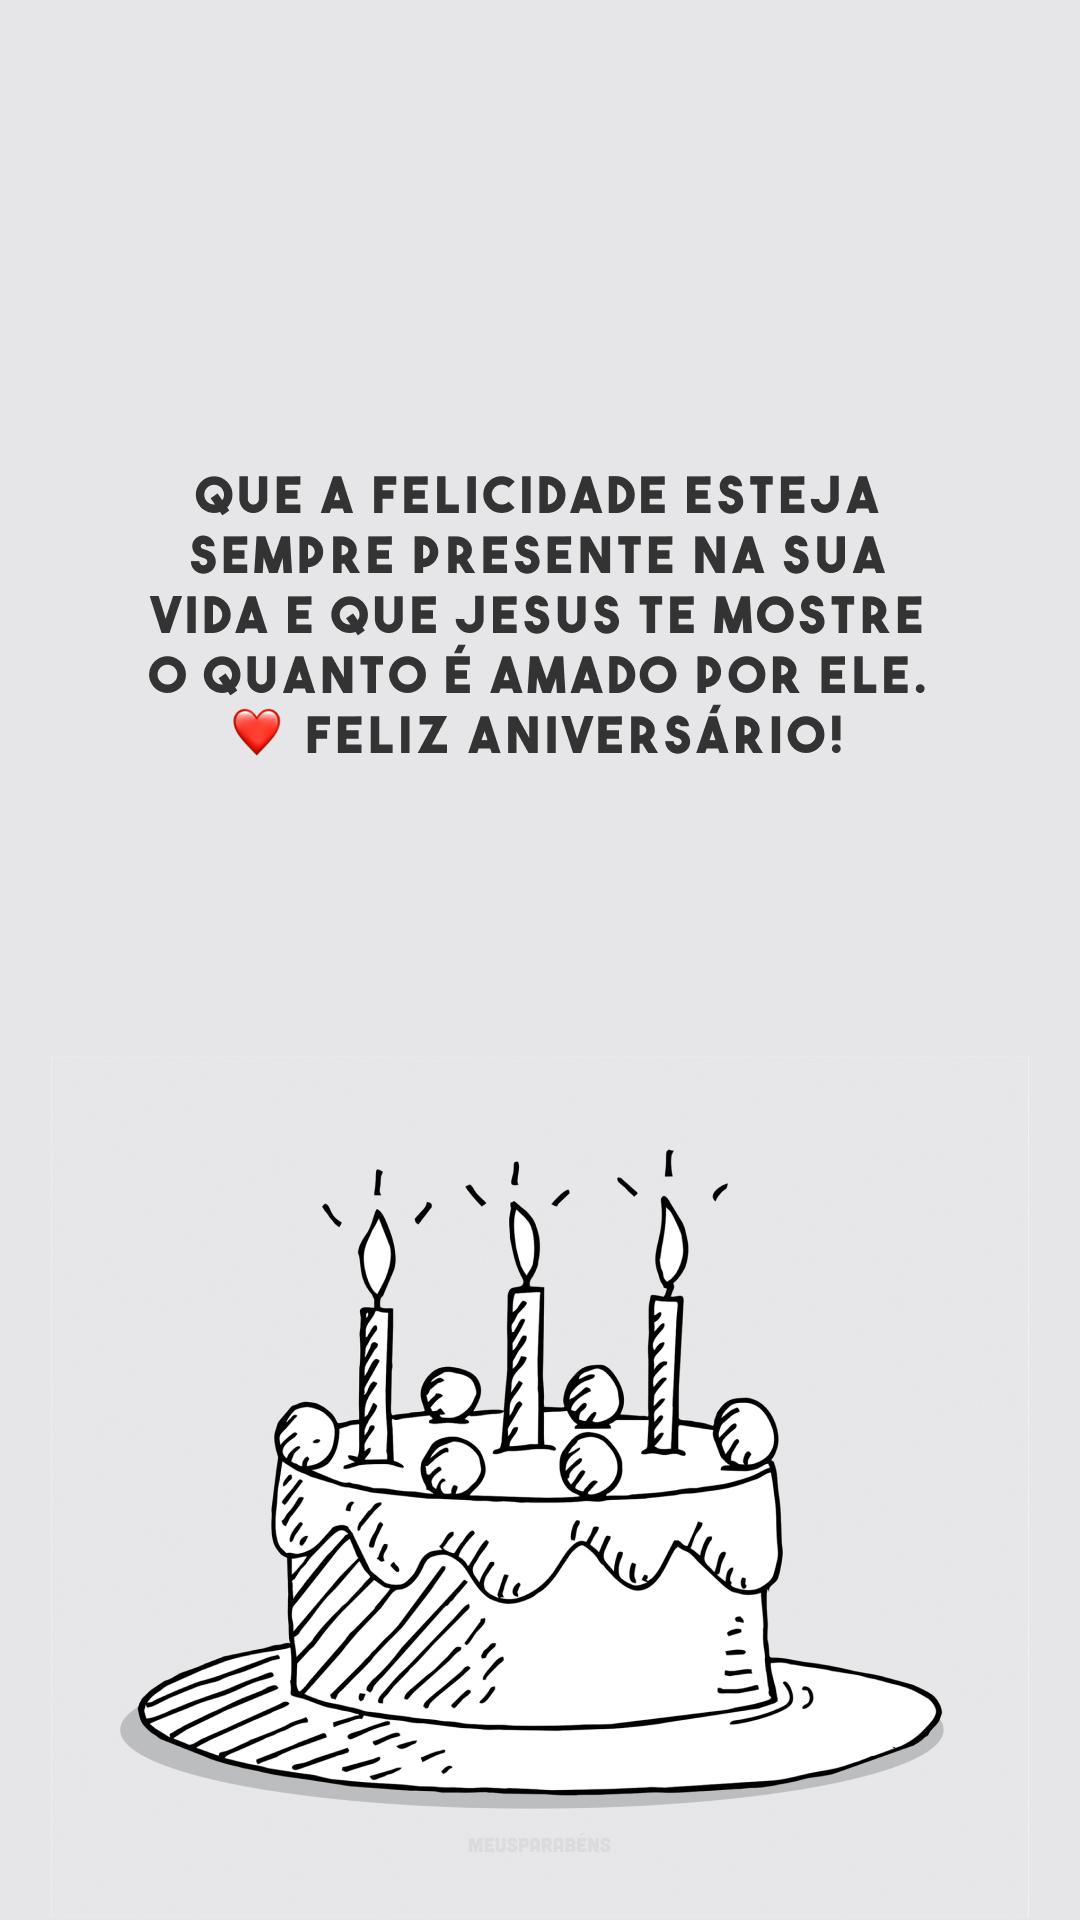 Que a felicidade esteja sempre presente na sua vida e que Jesus te mostre o quanto é amado por Ele. ❤️ Feliz aniversário!